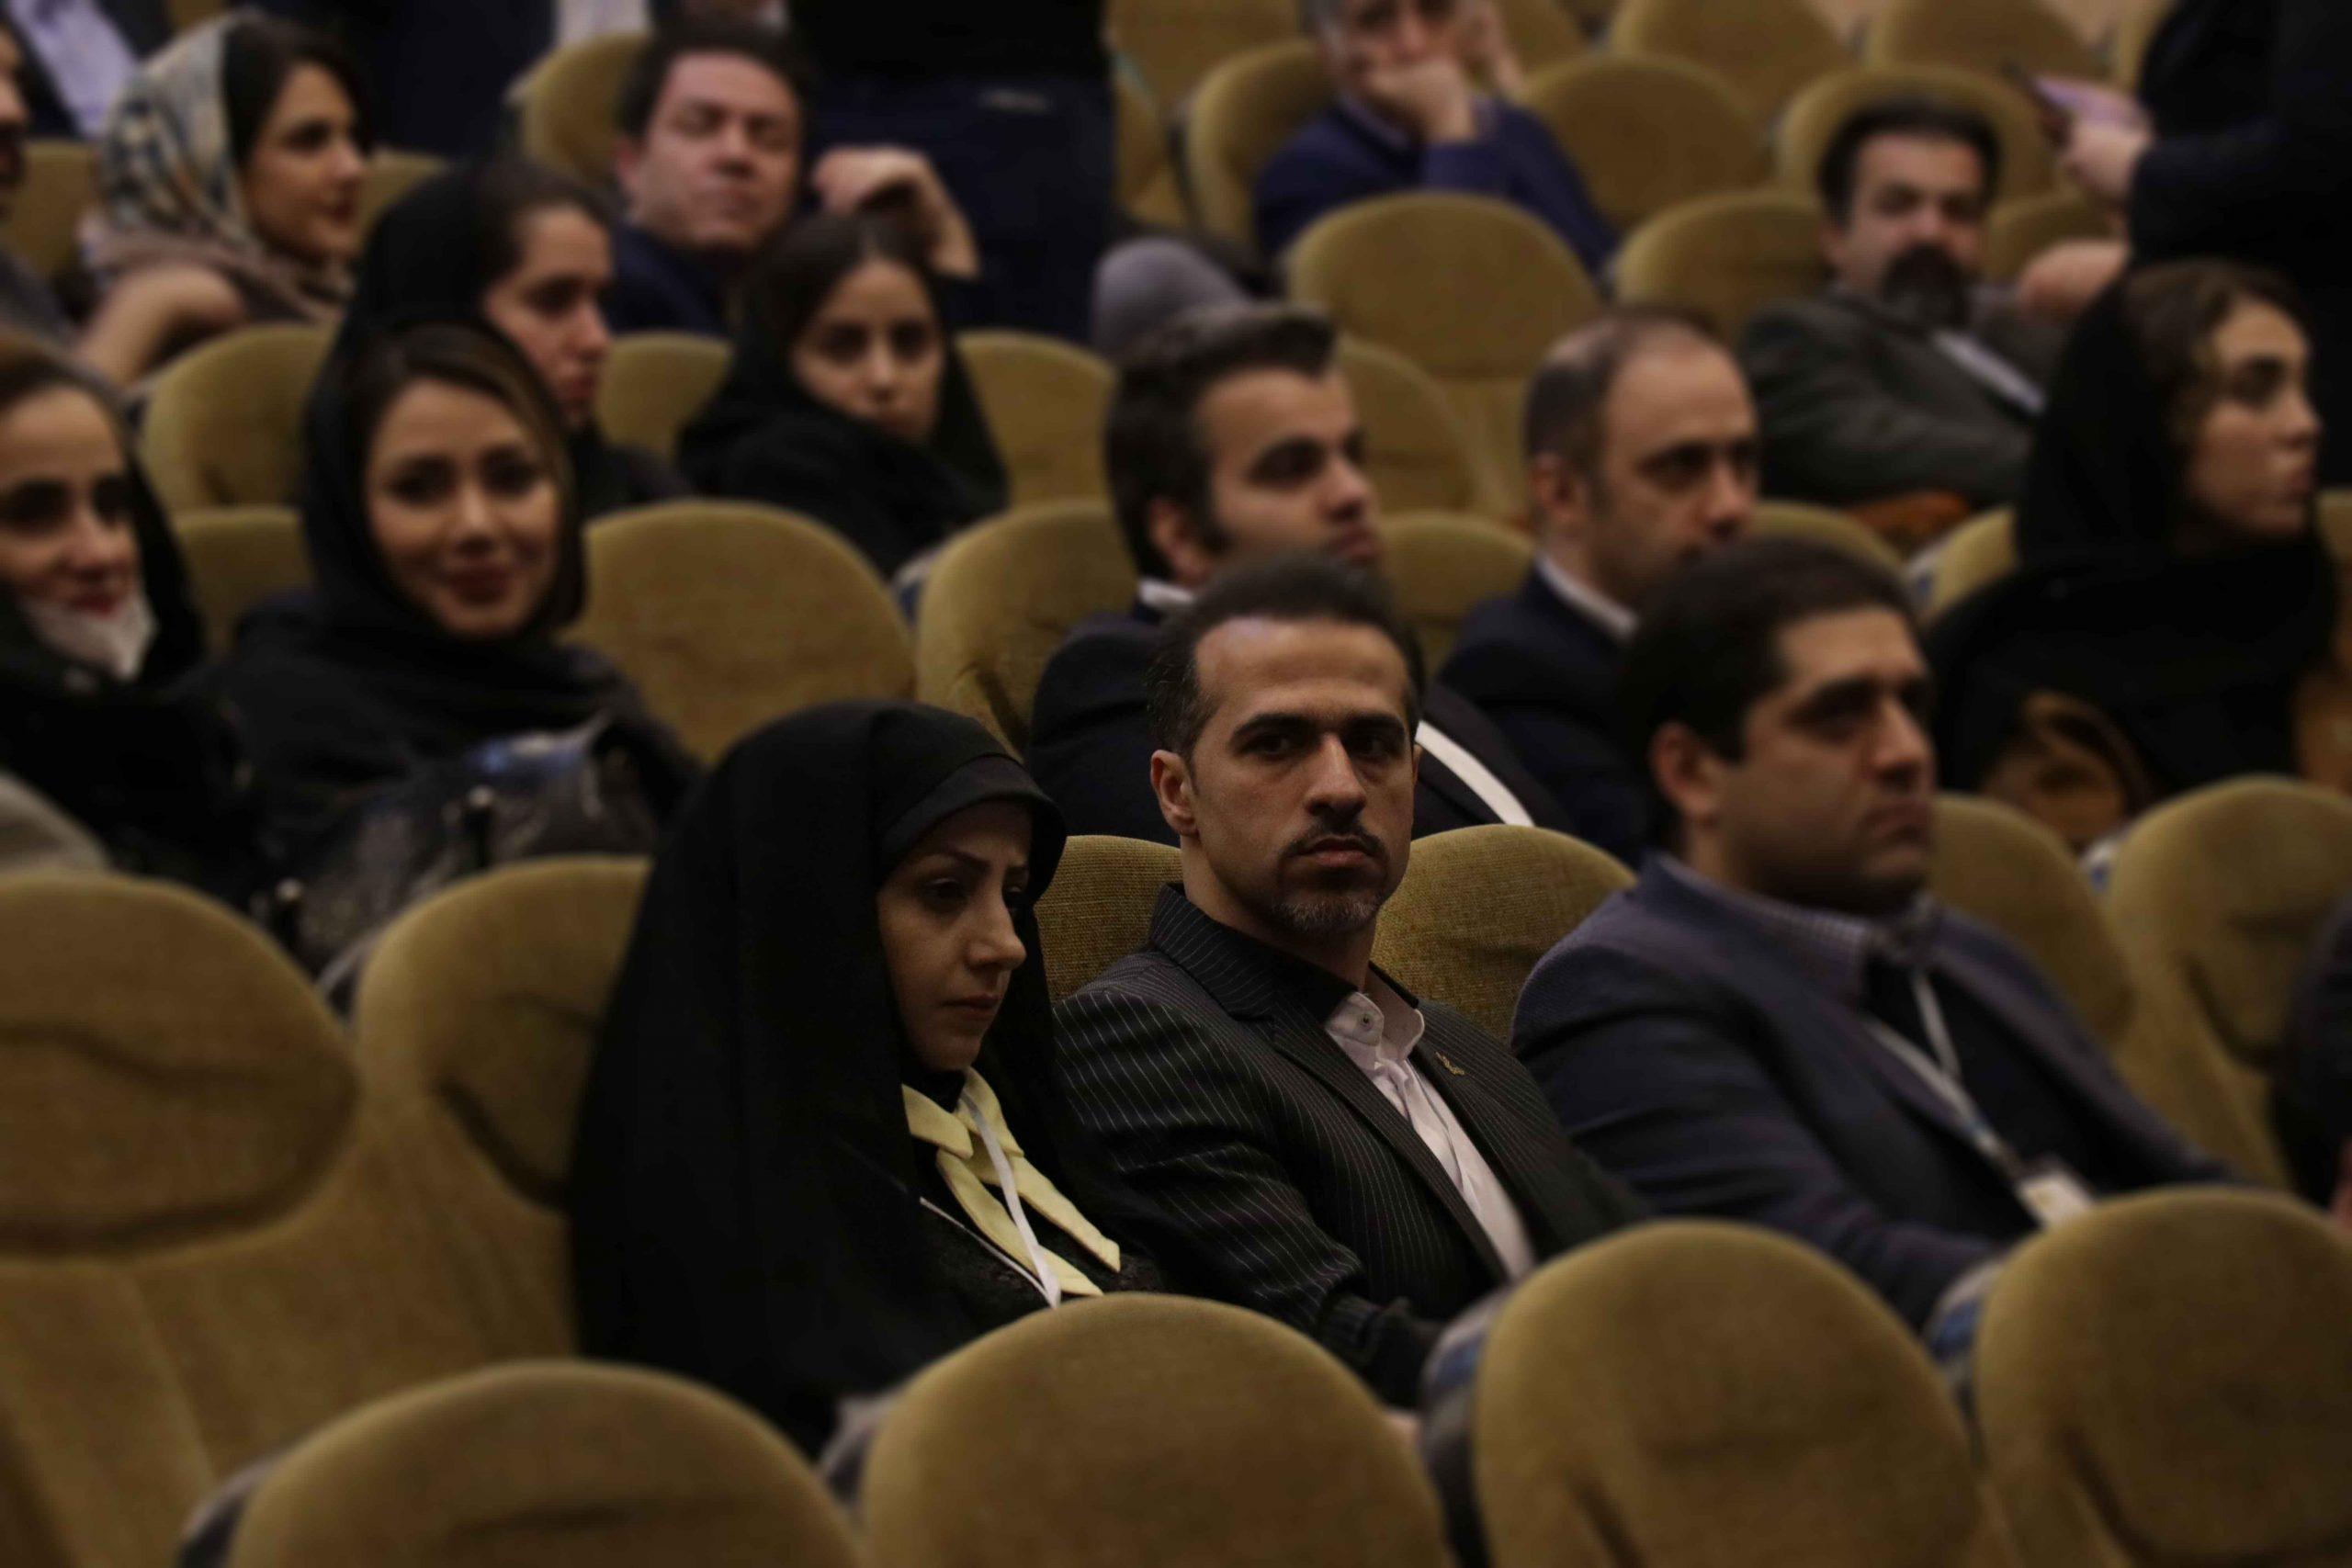 حضور مدیران آویسو در همایش کیفیت ملی